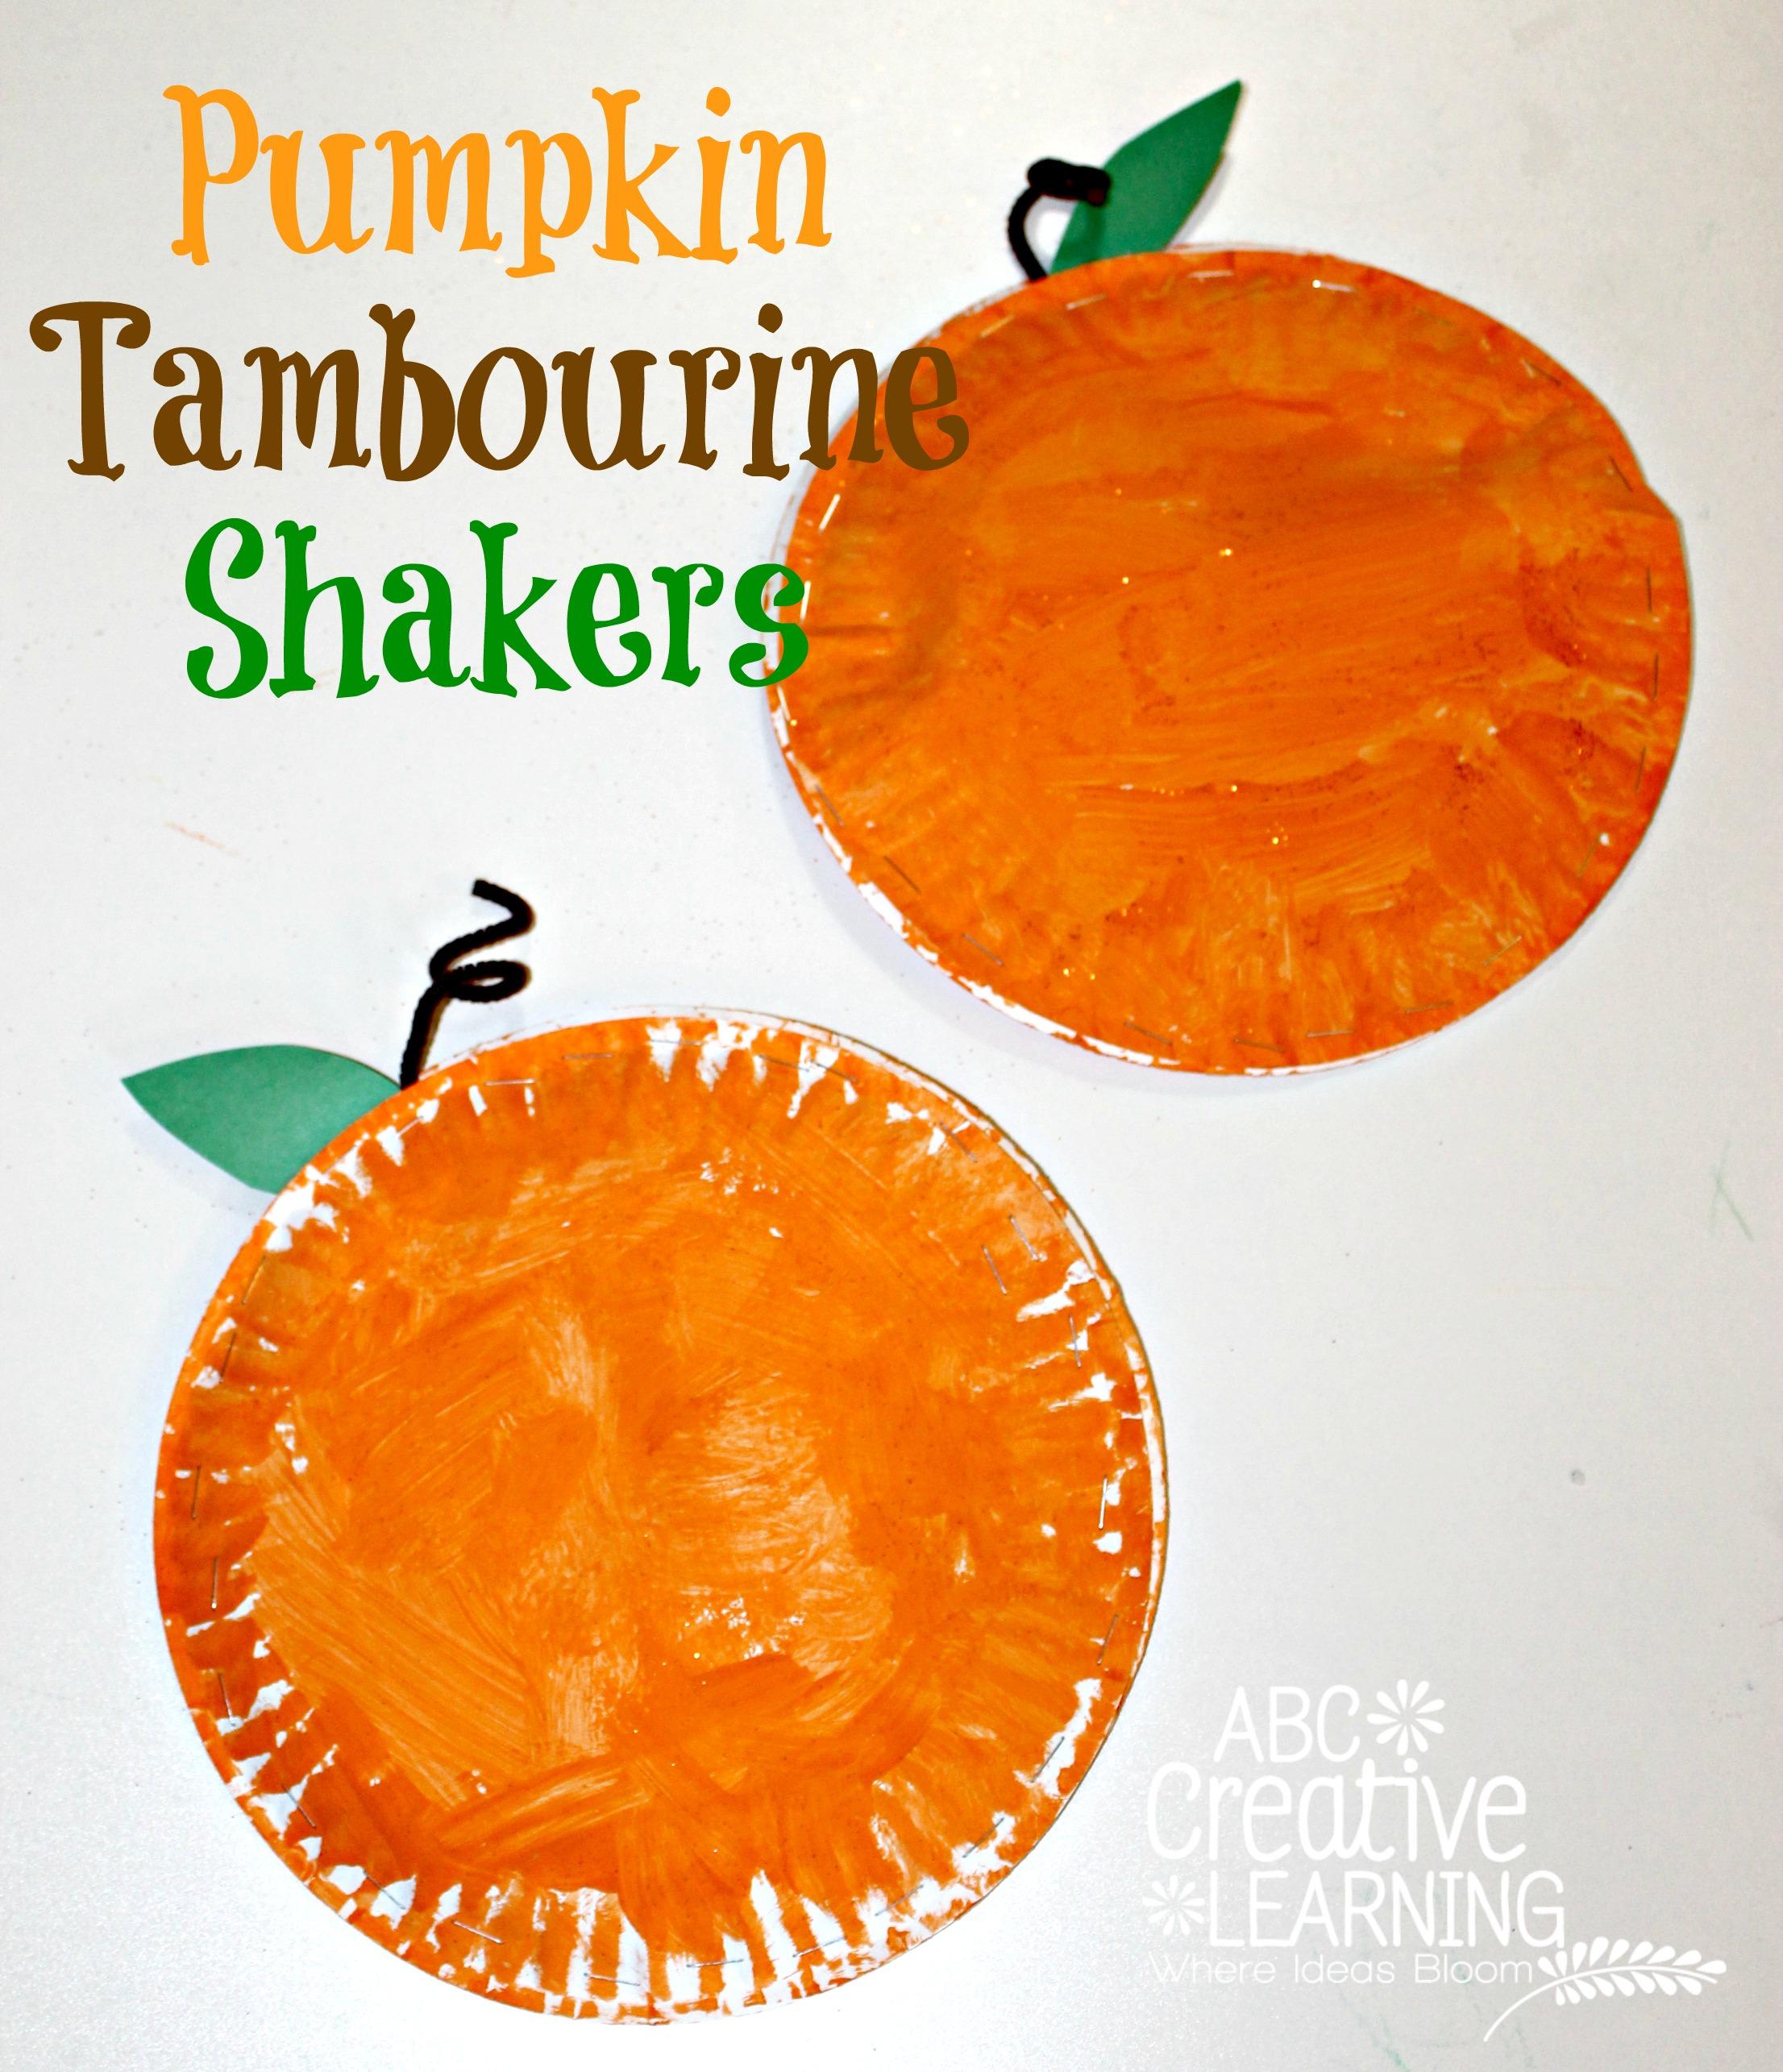 Pumpkin Tambourine Shakers